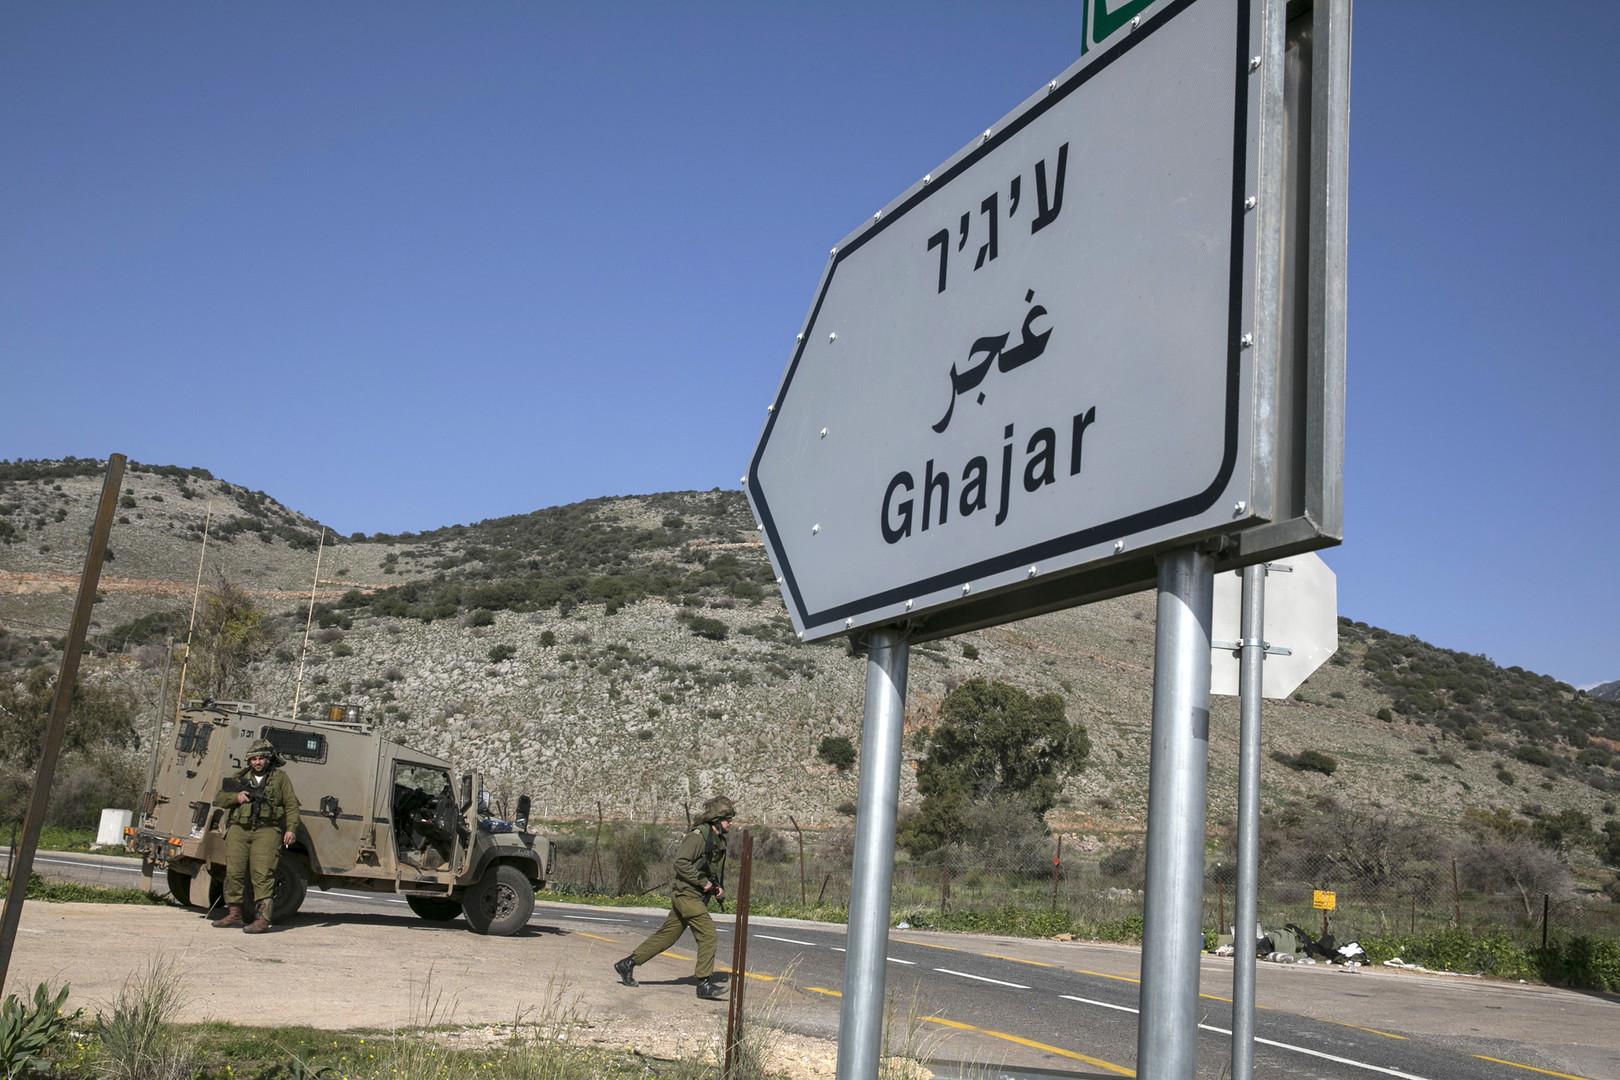 مصادر لـRT: الجيش الإسرائيلي يغلق طريق قرية الغجر في الجولان المحتل